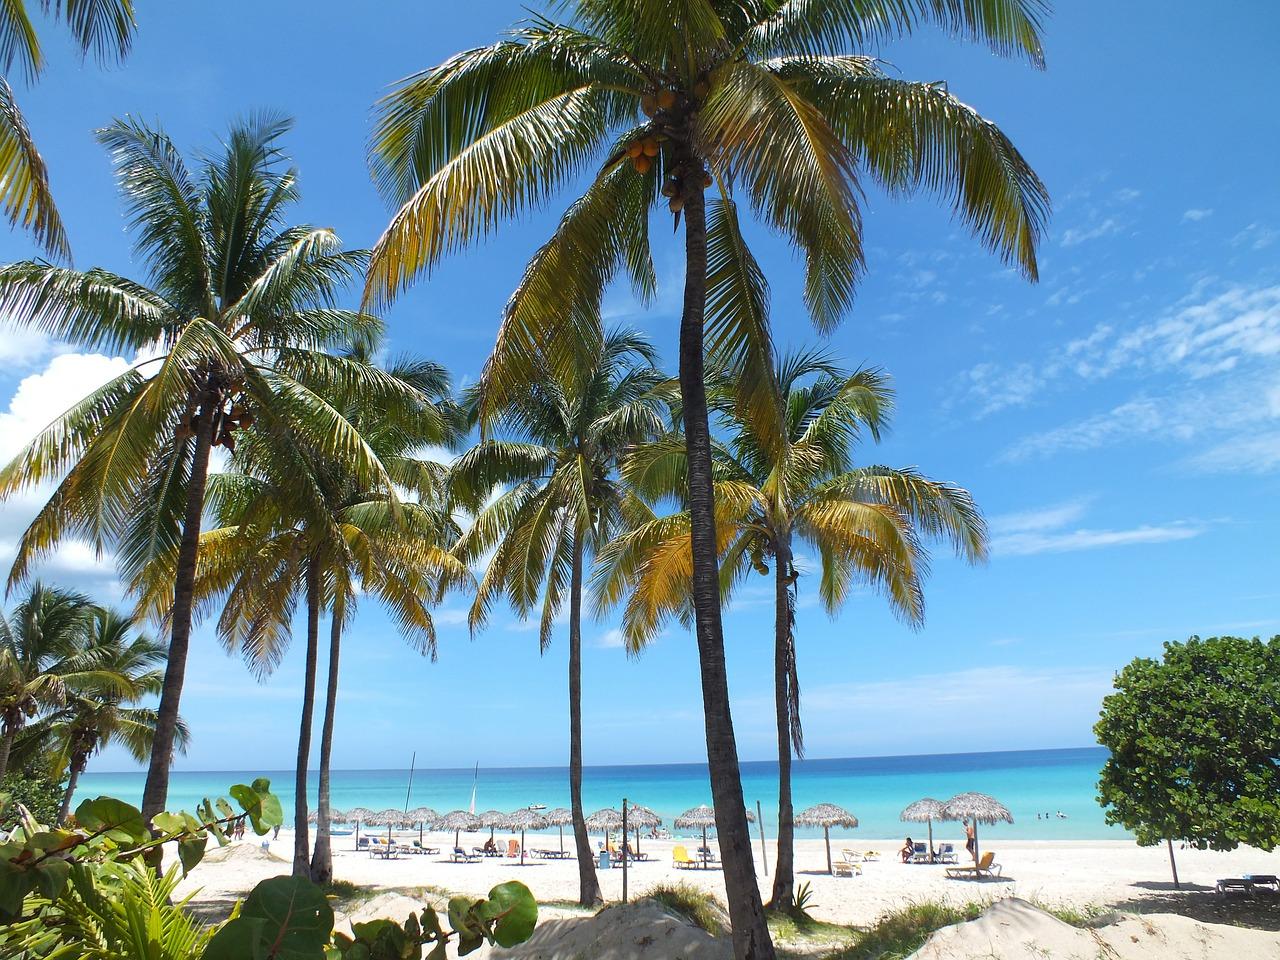 playas de varadero cuba